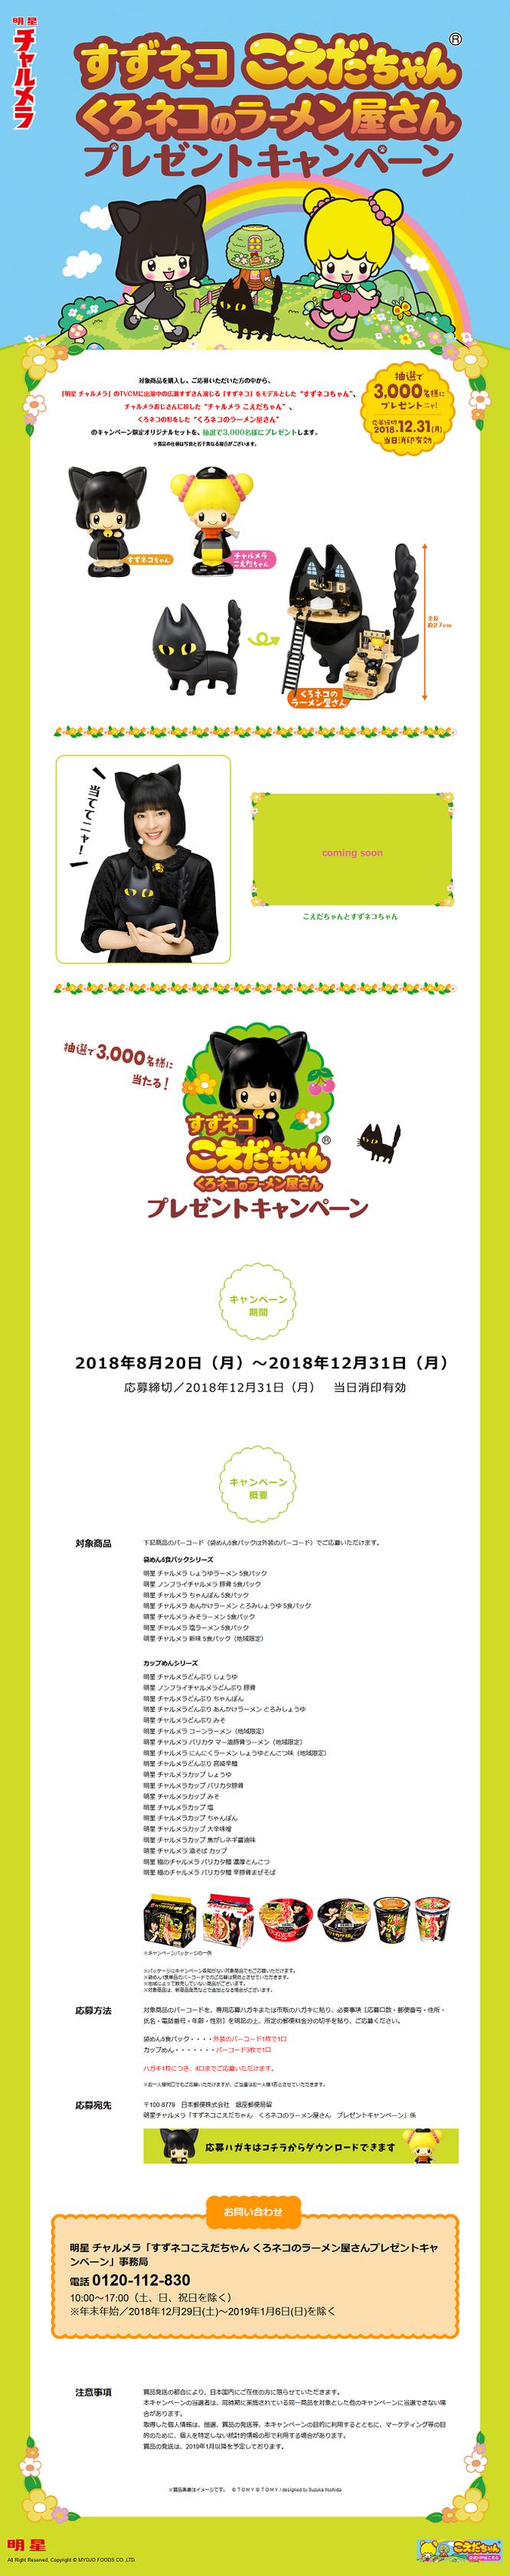 【明星】チャルメラ こえだちゃん・広瀬すずのくろネコのラーメン屋さんプレゼントキャンペーン